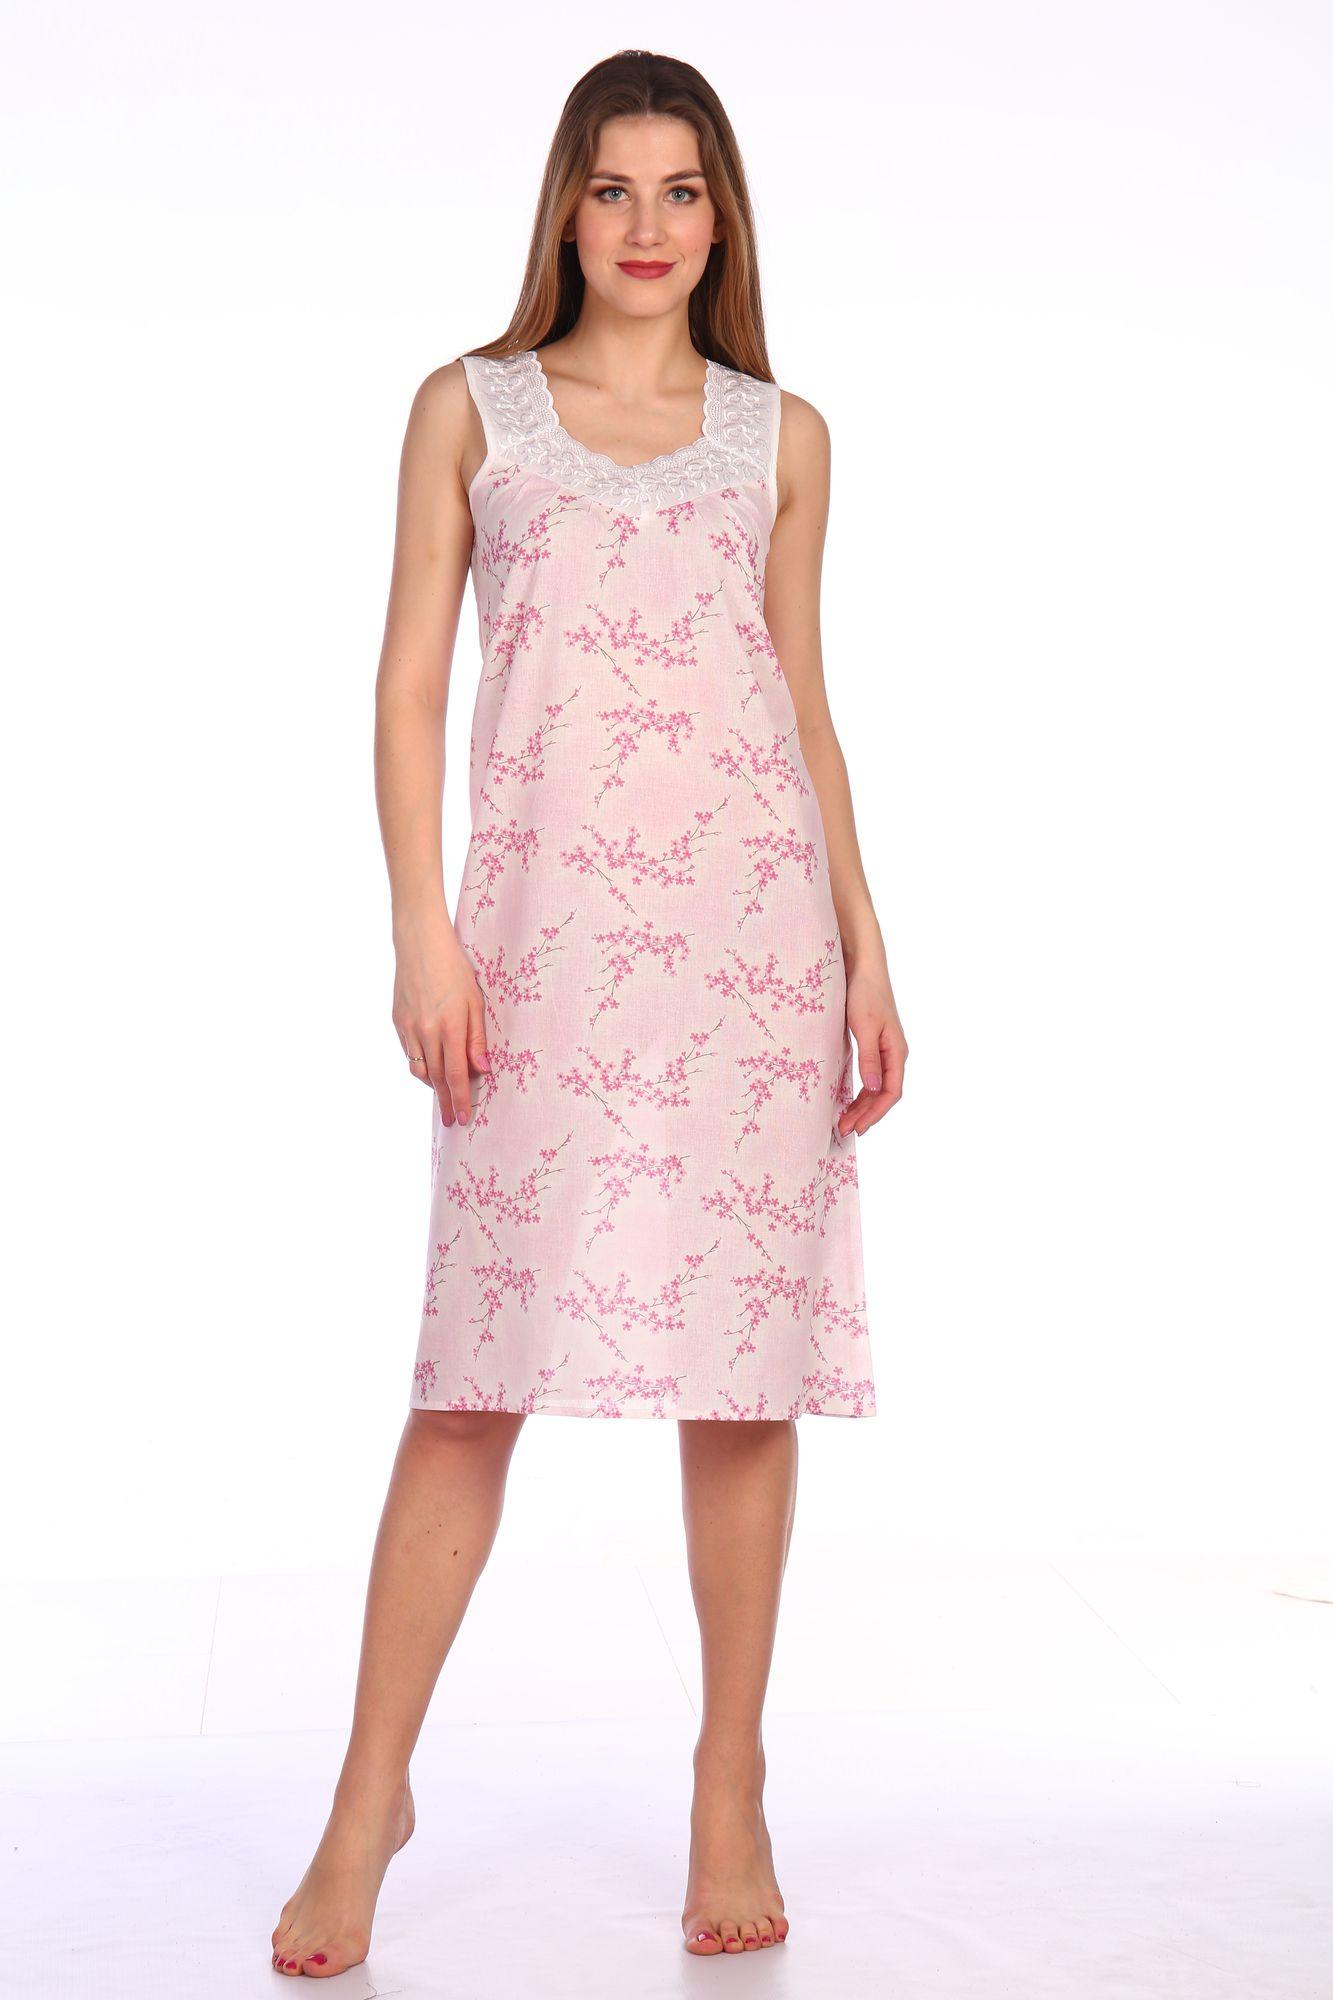 Сорочка ночная женская,модель 4031,ситец (Сакура, розовый)